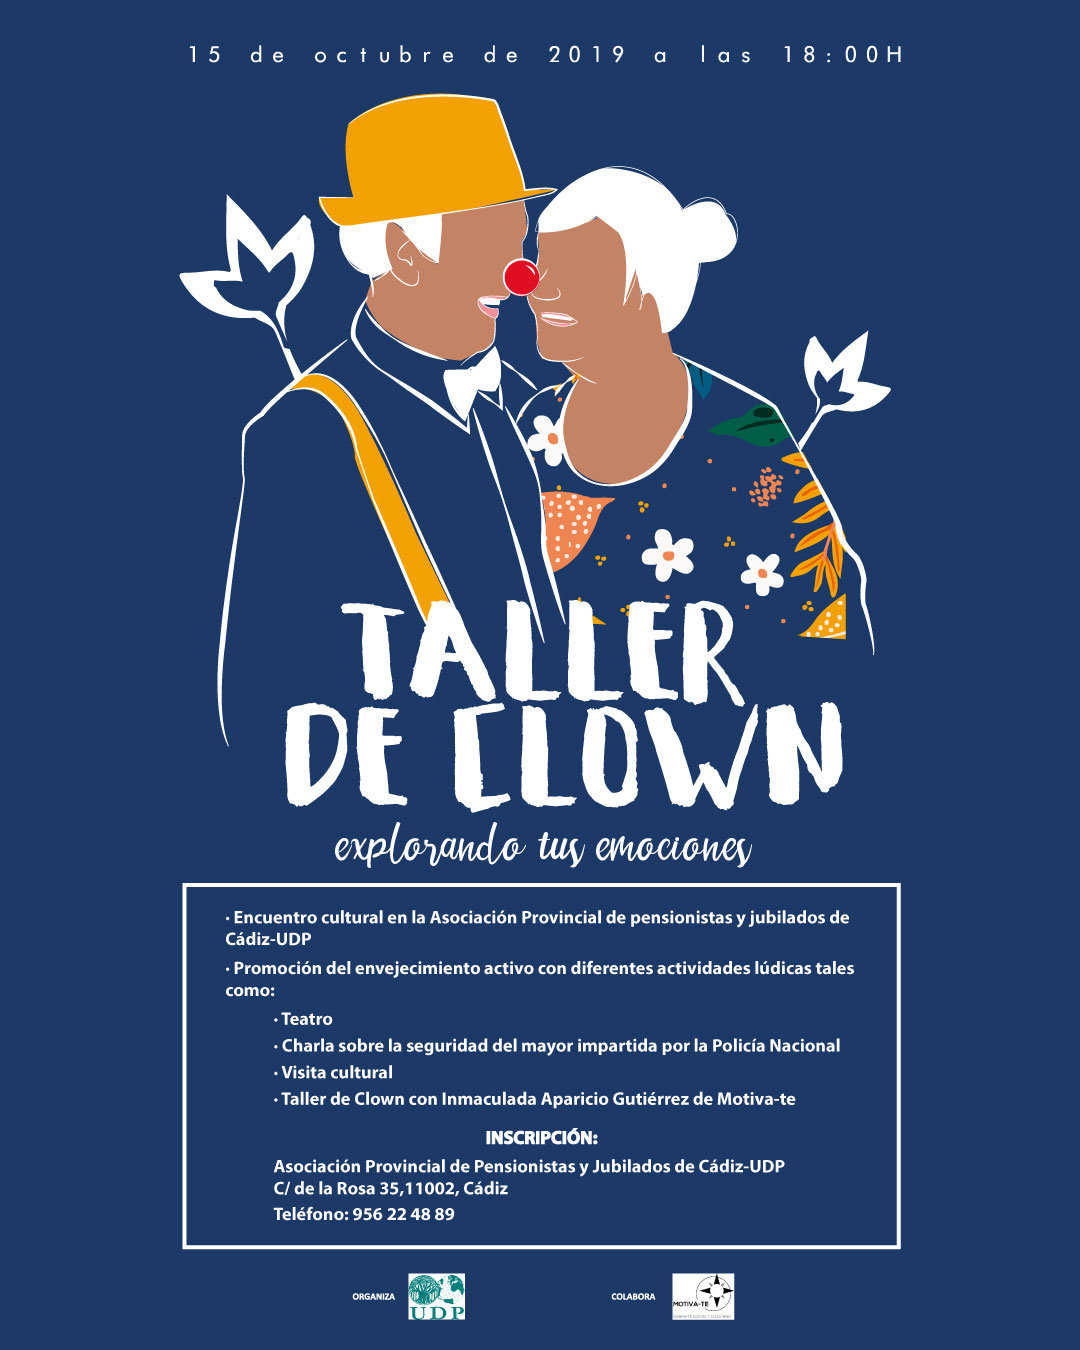 Motiva-te:Taller de clown